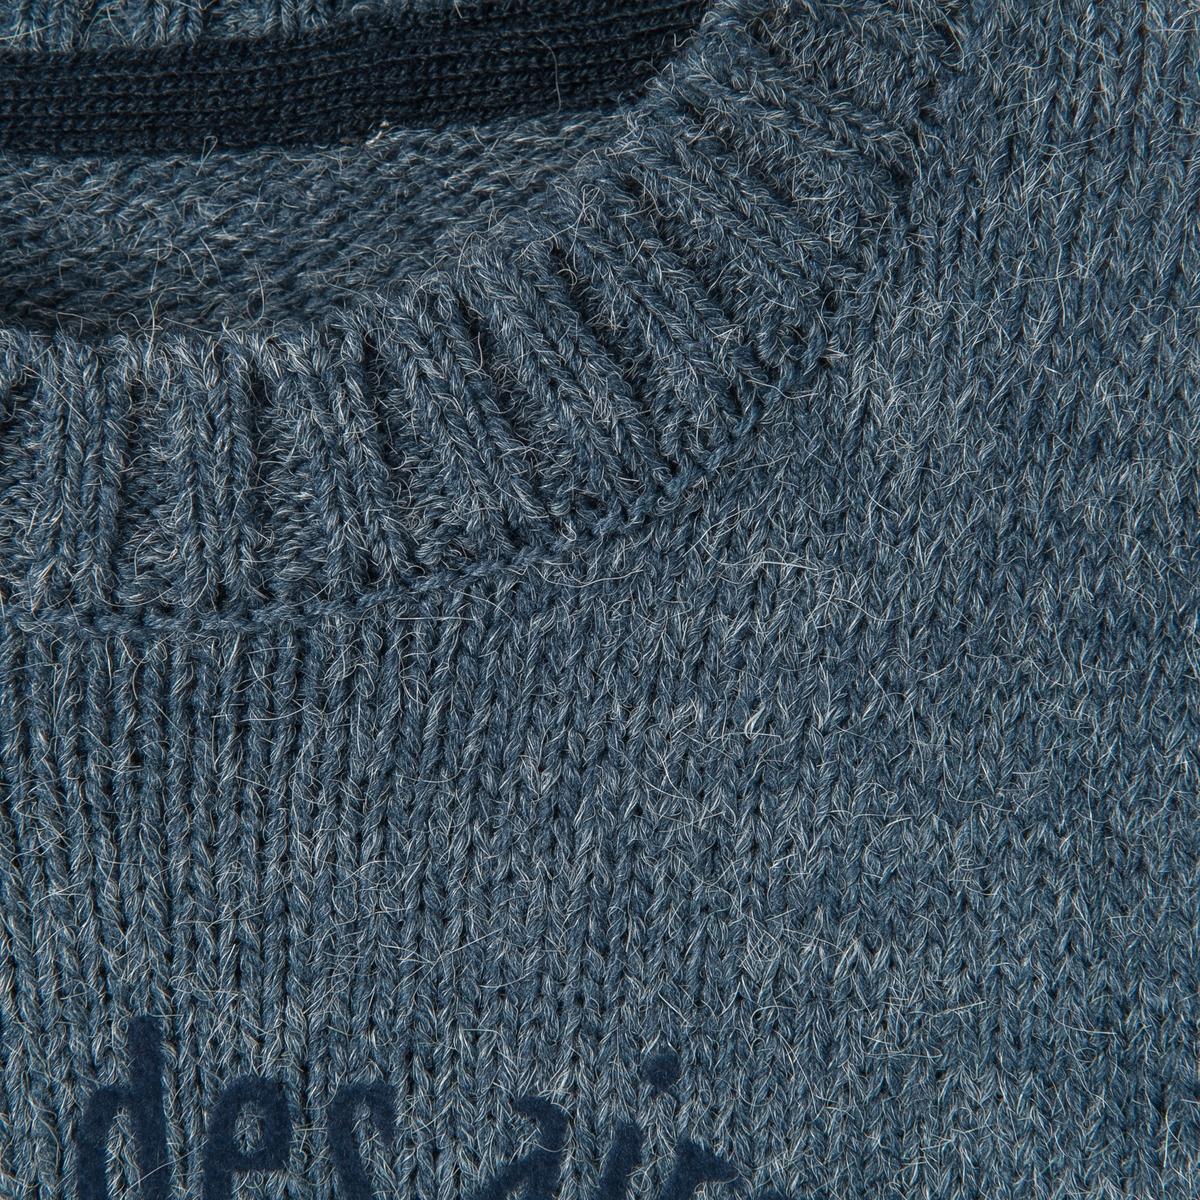 Пуловер теплый с рисунком самолет 3-12 летПуловер с длинными рукавами и рисунком самолет спереди. Круглый вырез. Края связаны в рубчик. Состав и описание :Материал: вязаный трикотаж, 80% акрила, 15% полиамида, 5% альпаки.Марка      abcdRУход: :Машинная стирка при 30°C с одеждой подобных цветов.Гладить с изнаночной стороны.Машинная сушка запрещена.Гладить при умеренной температуре.<br><br>Цвет: серый меланж,синий меланж